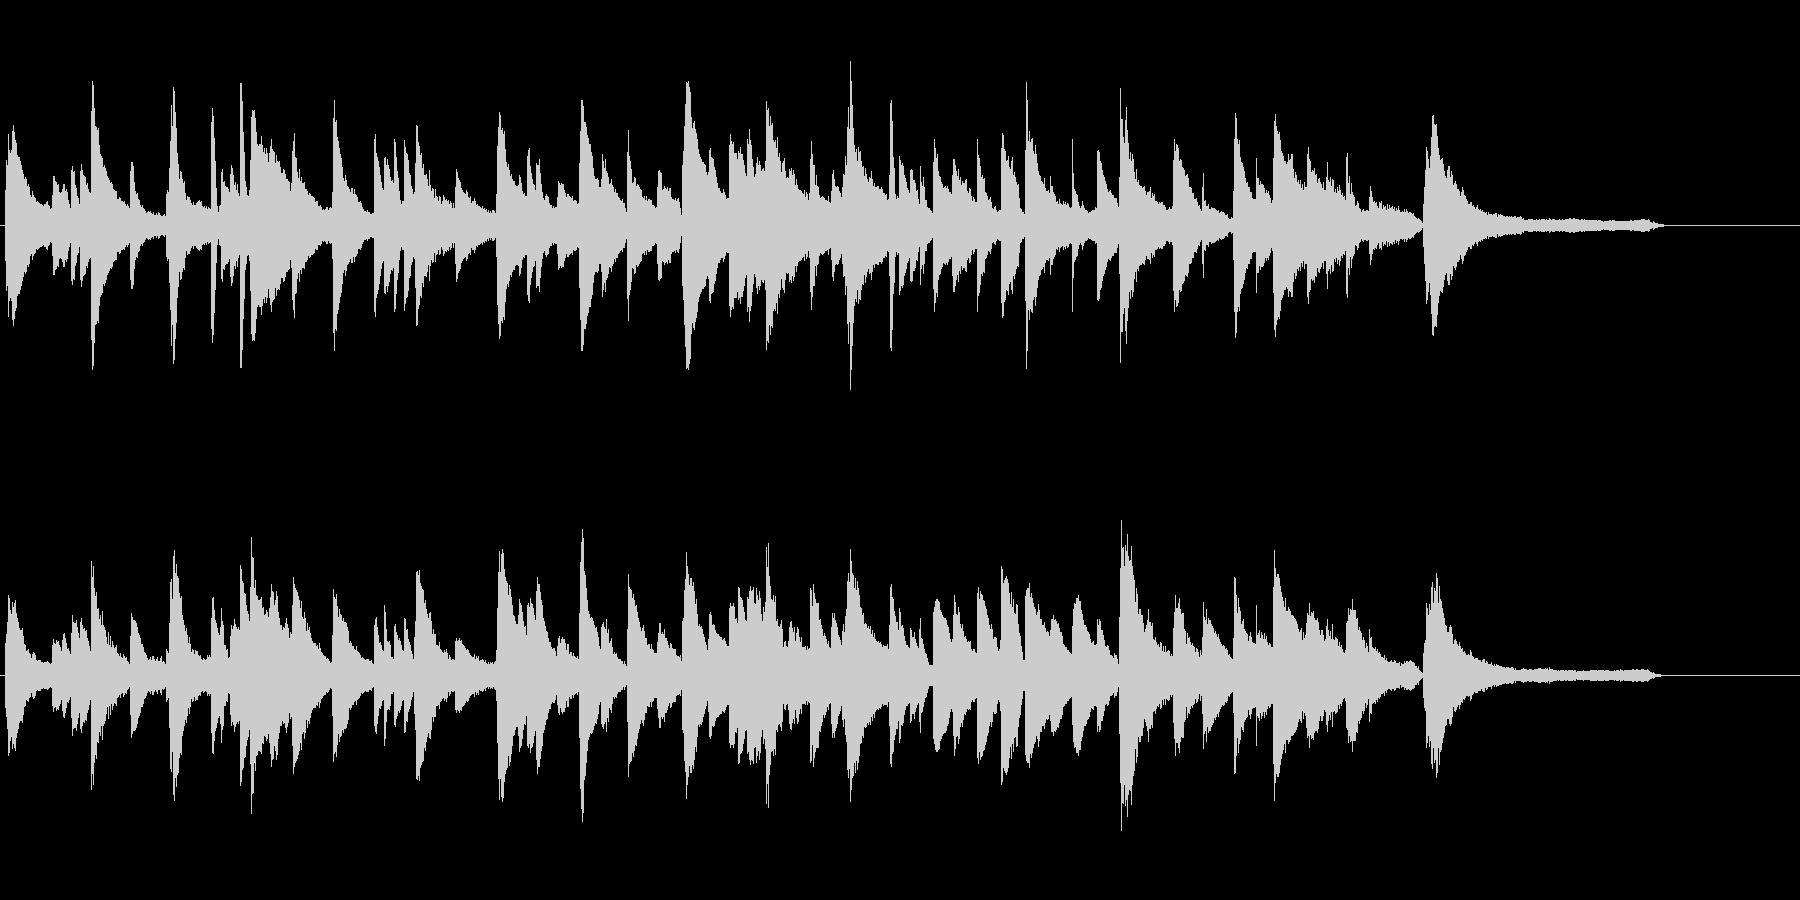 ピアノソロの40秒ジングルの未再生の波形